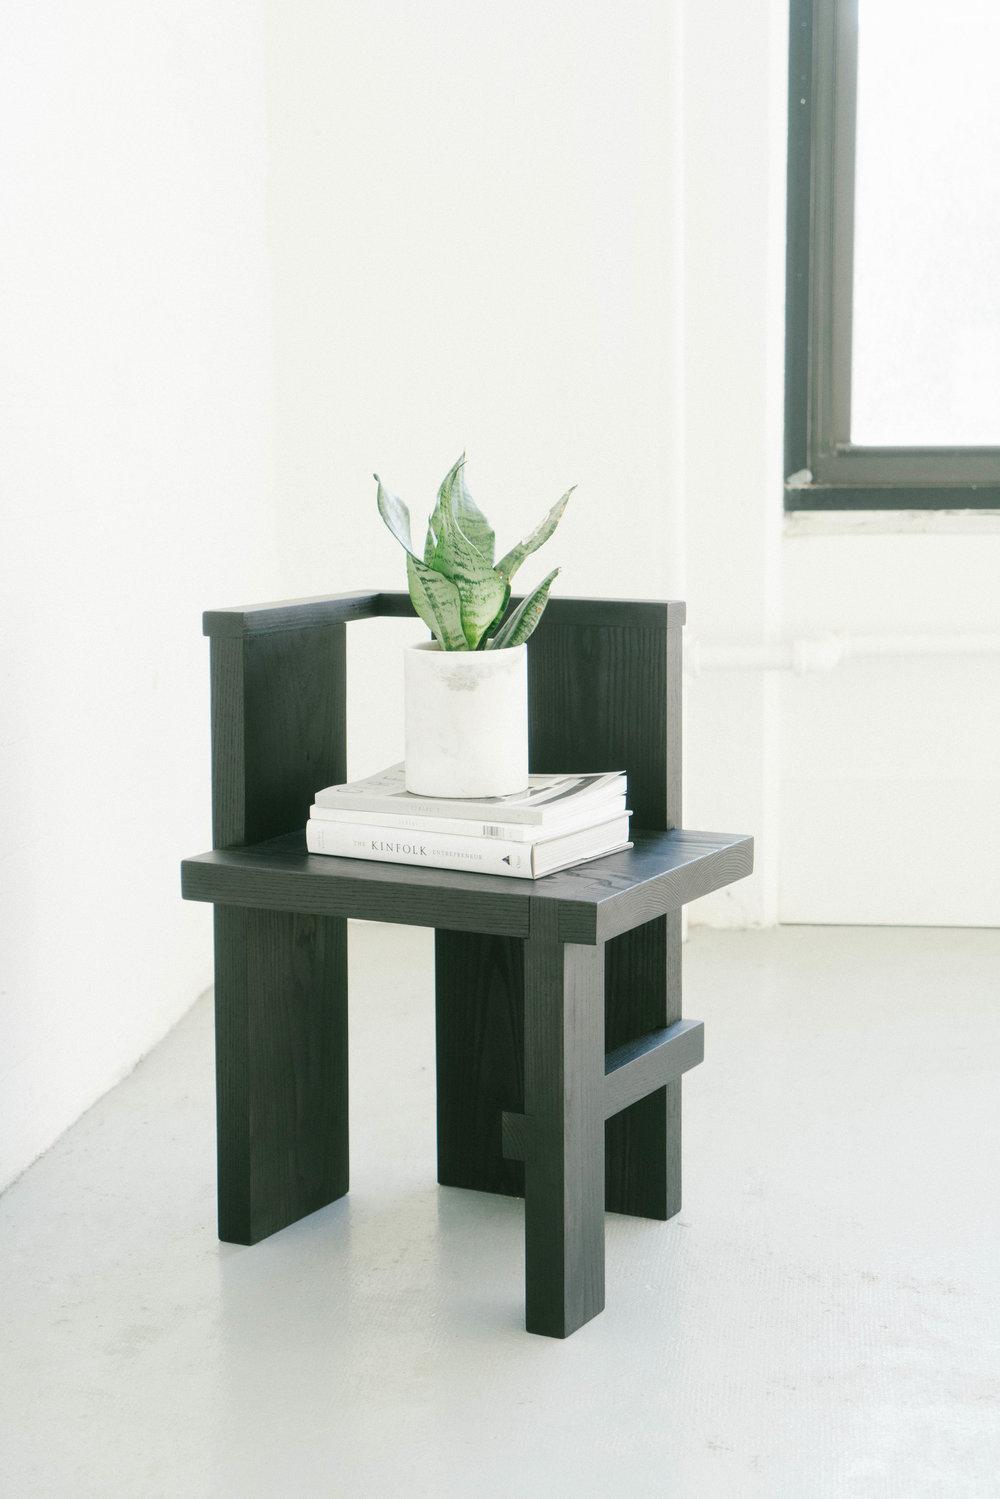 sculpturalchair10_s.jpg